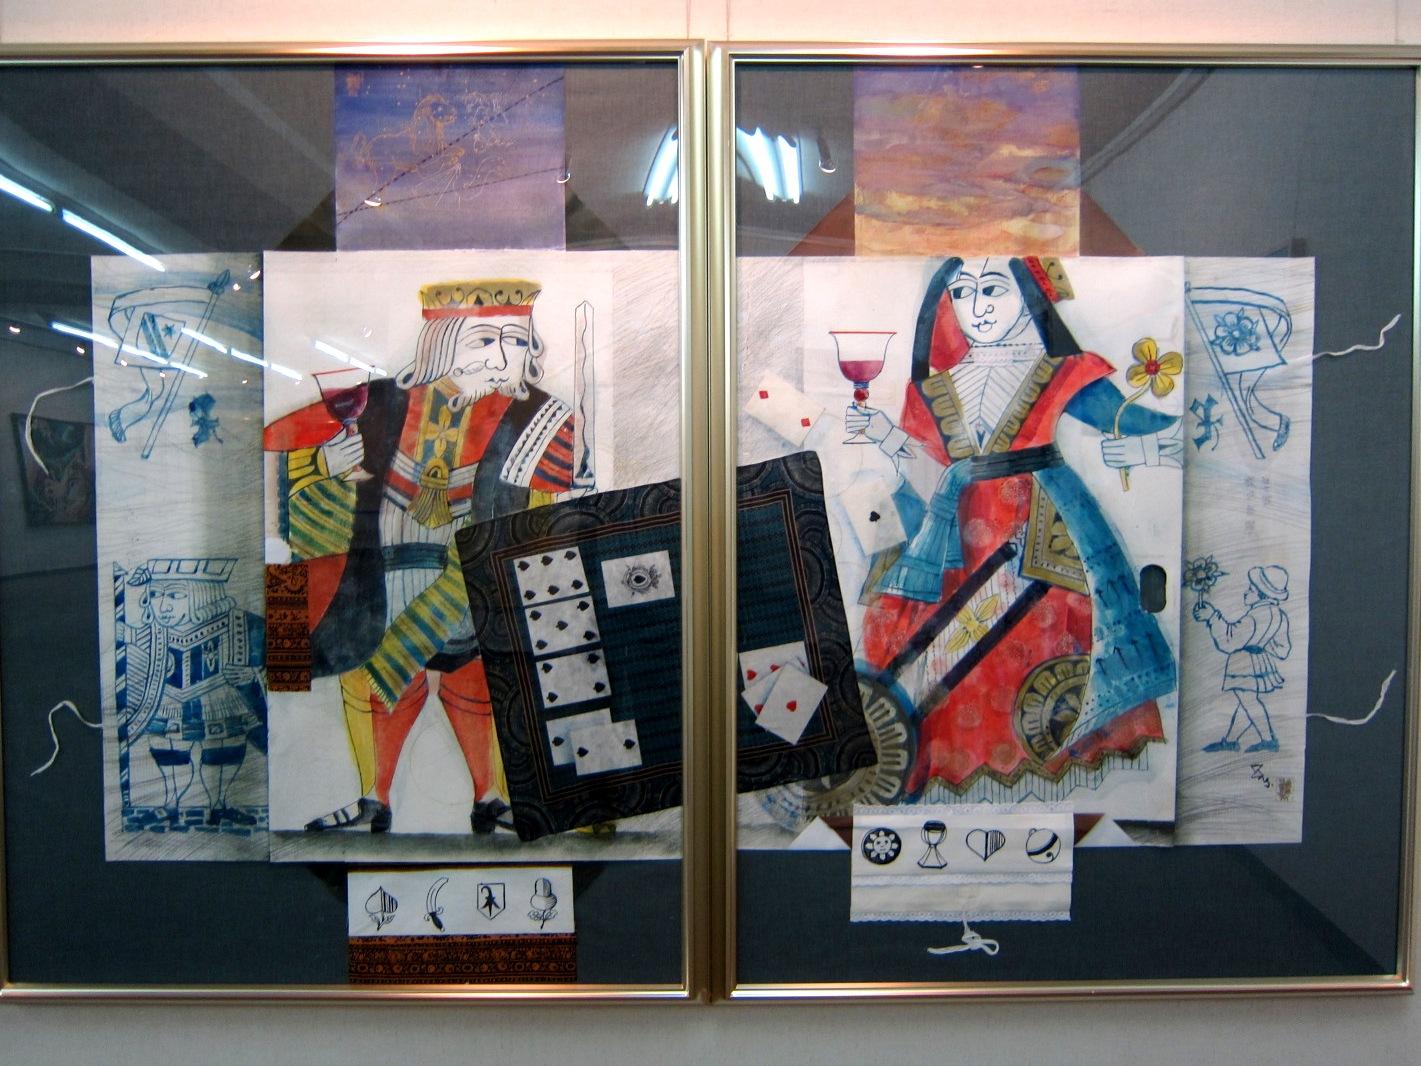 2072)②「北の日本画展 第28回」 時計台 終了5月20日(月)~5月25日(土)_f0126829_22294784.jpg